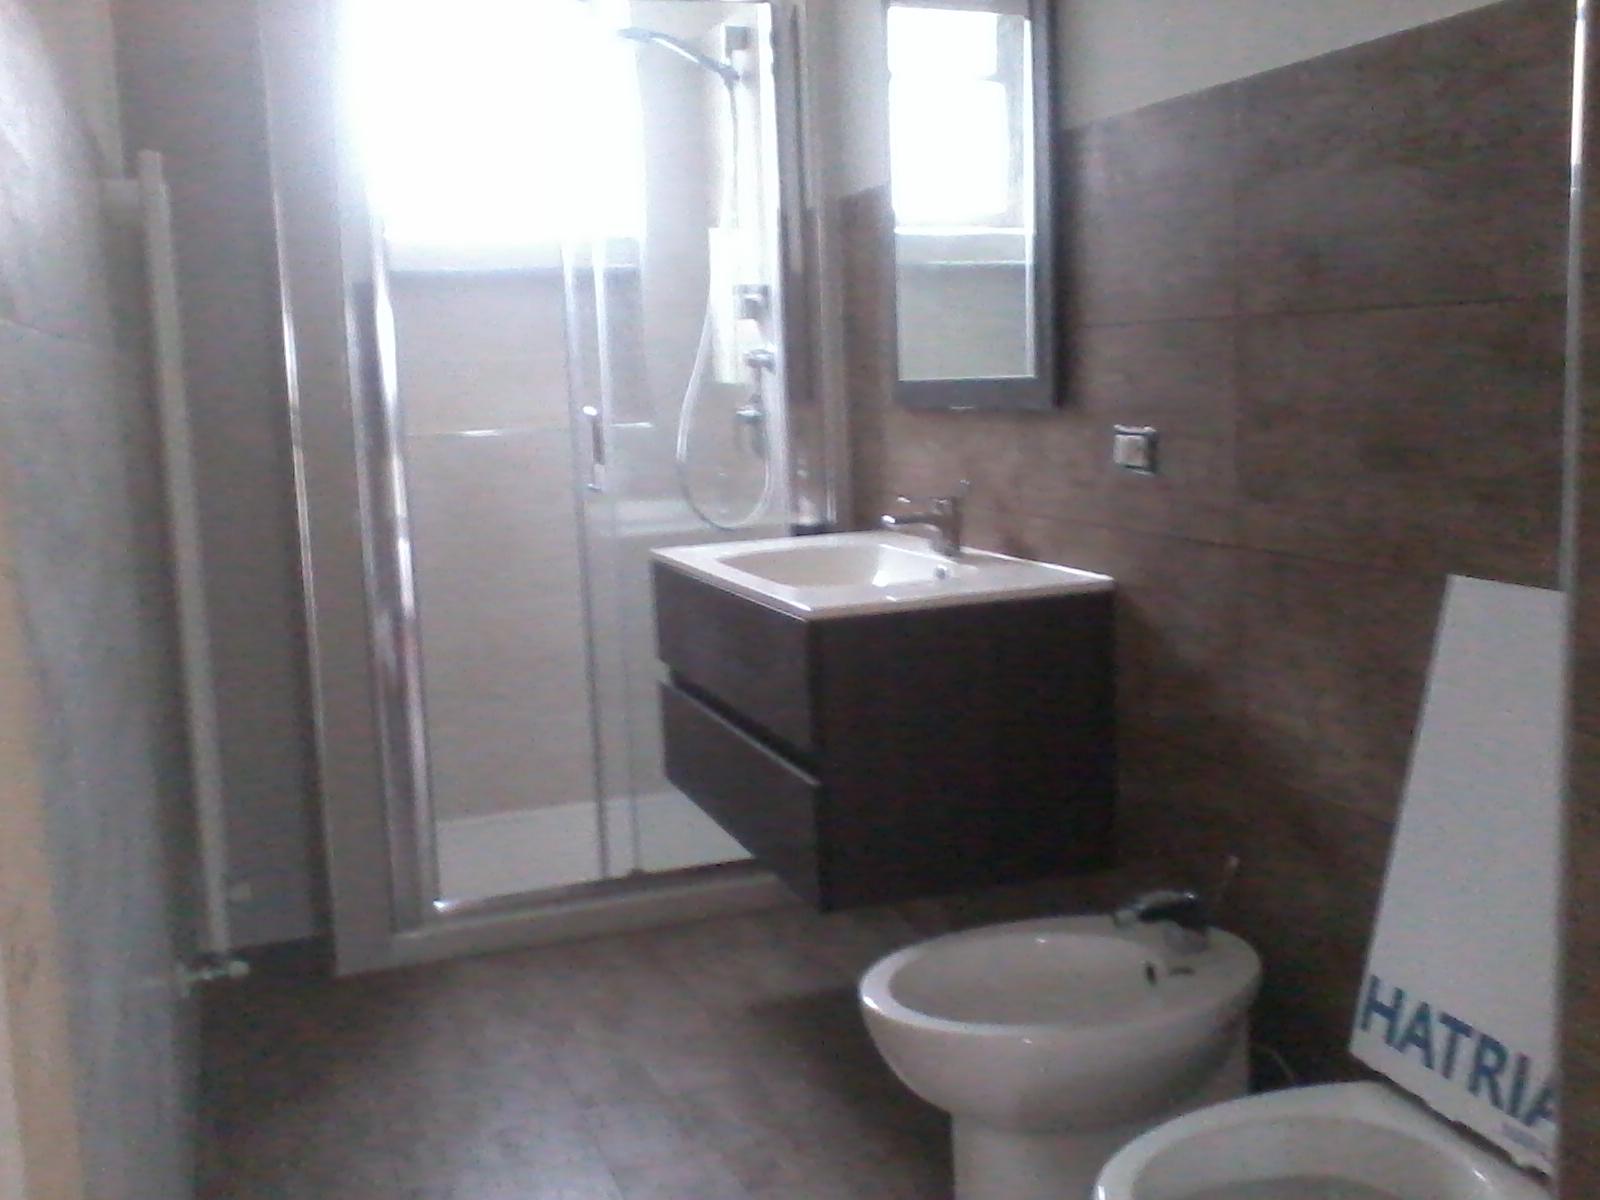 Ristrutturazione appartamento milano ristrutturazione milano - Ristrutturazione bagno e cucina ...